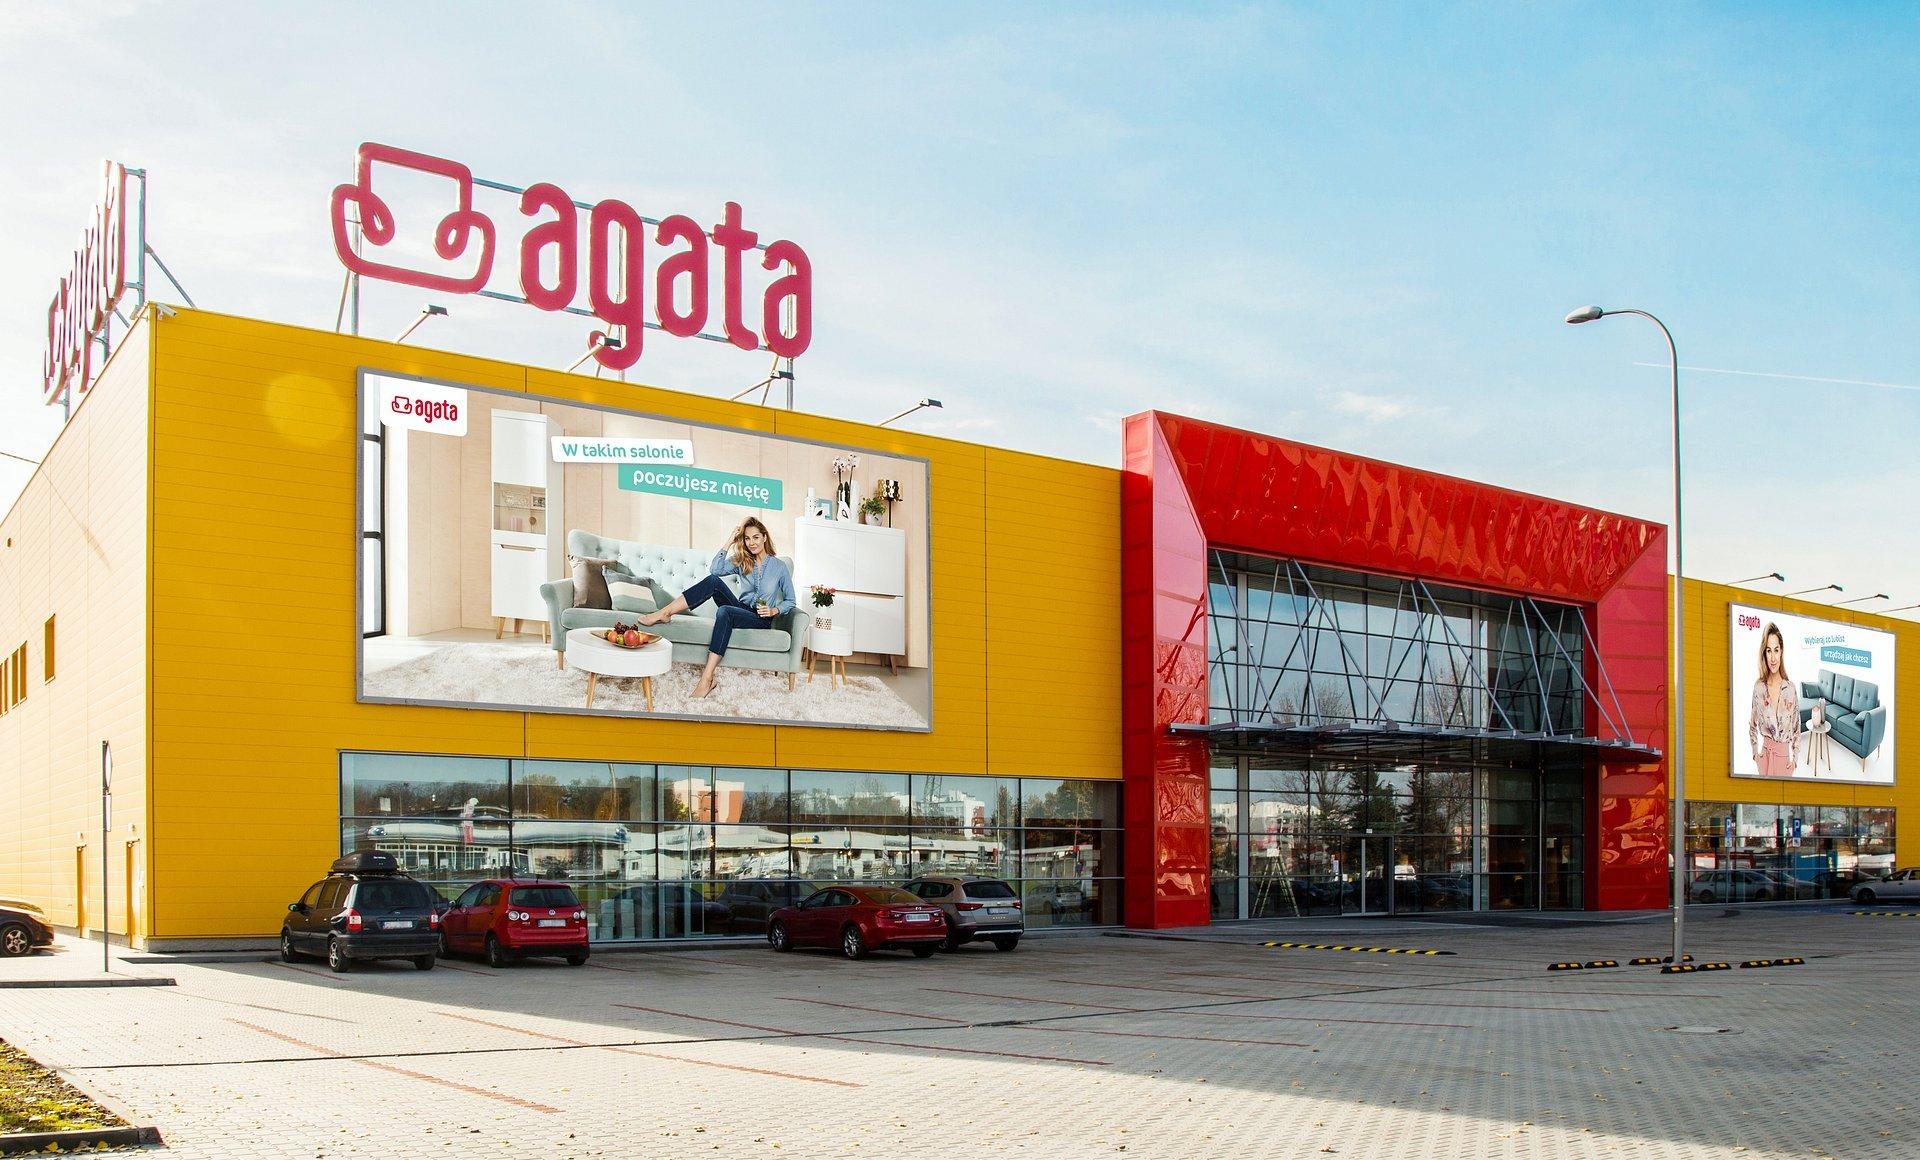 Kolejny salon Agata powstał w Lubinie